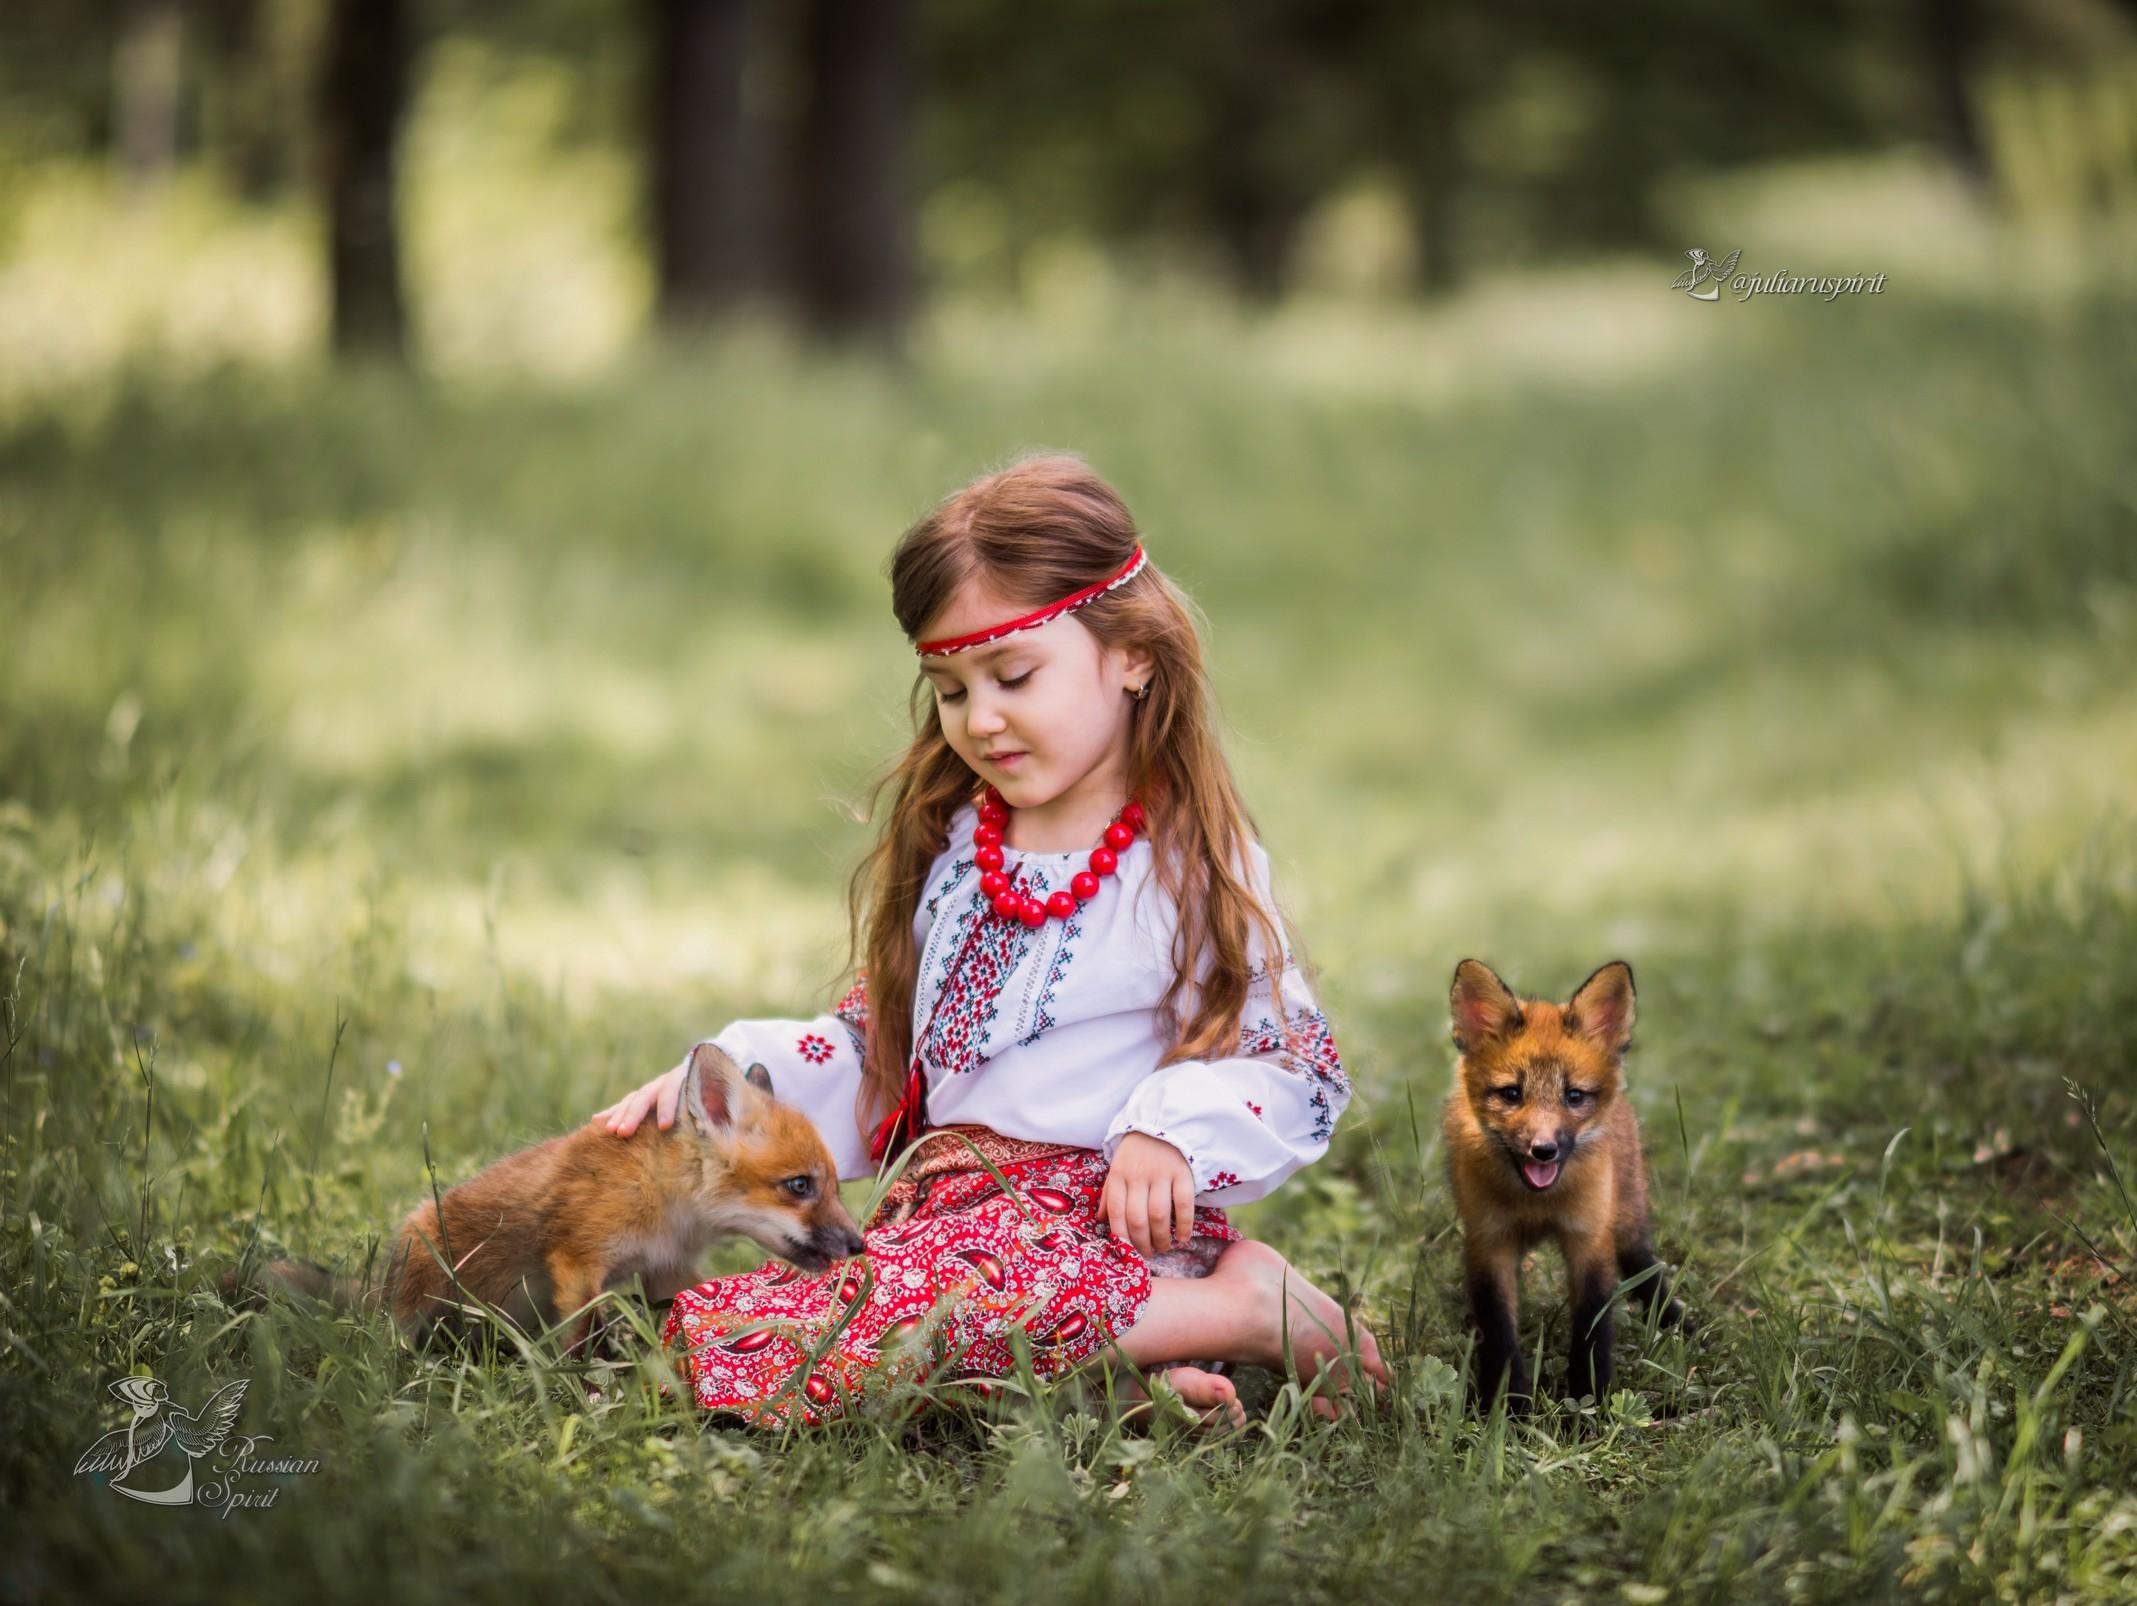 Девочка в русском народном костюме с лисятами на лужайке сидит